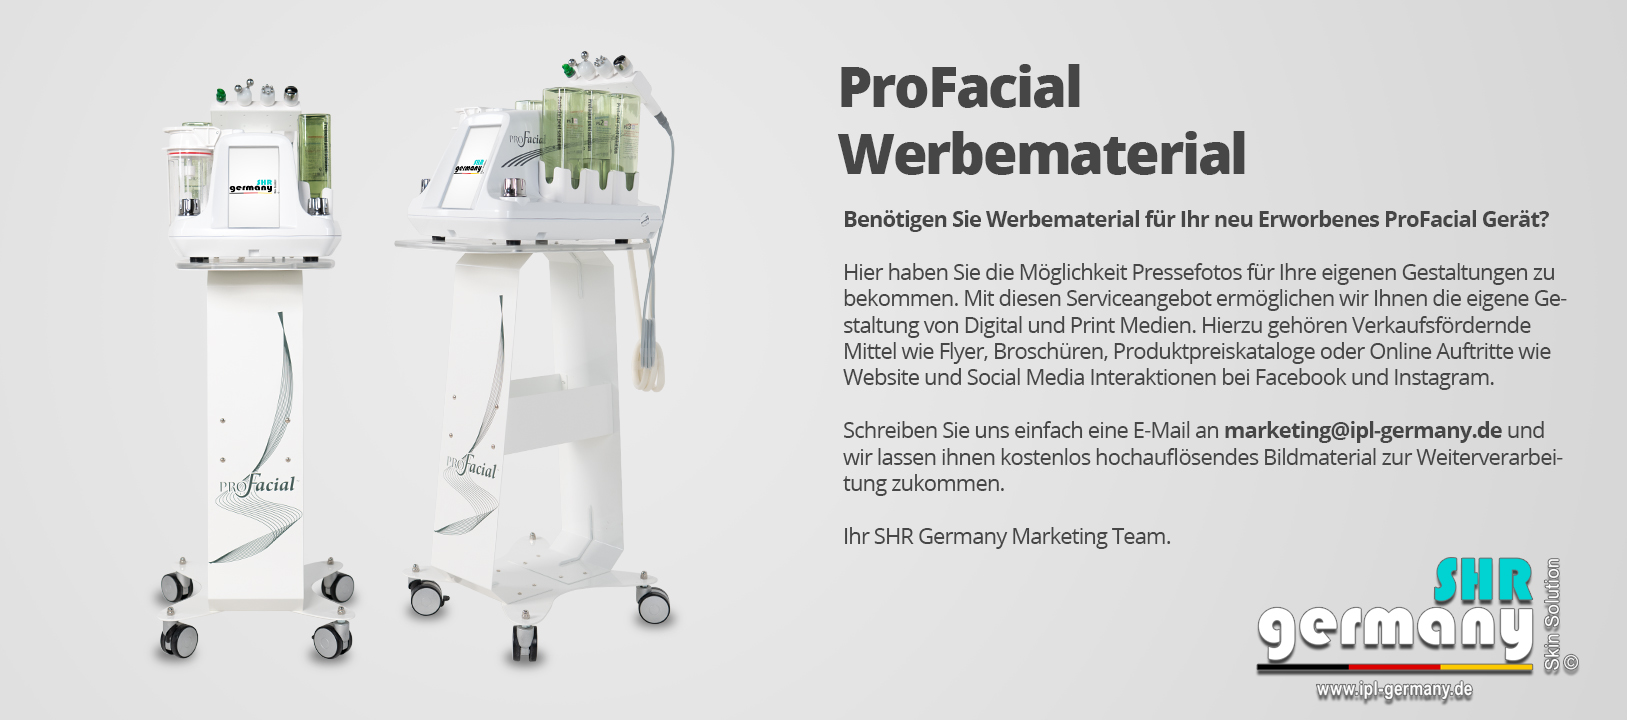 SHR-Germany-profacial-werbematerial